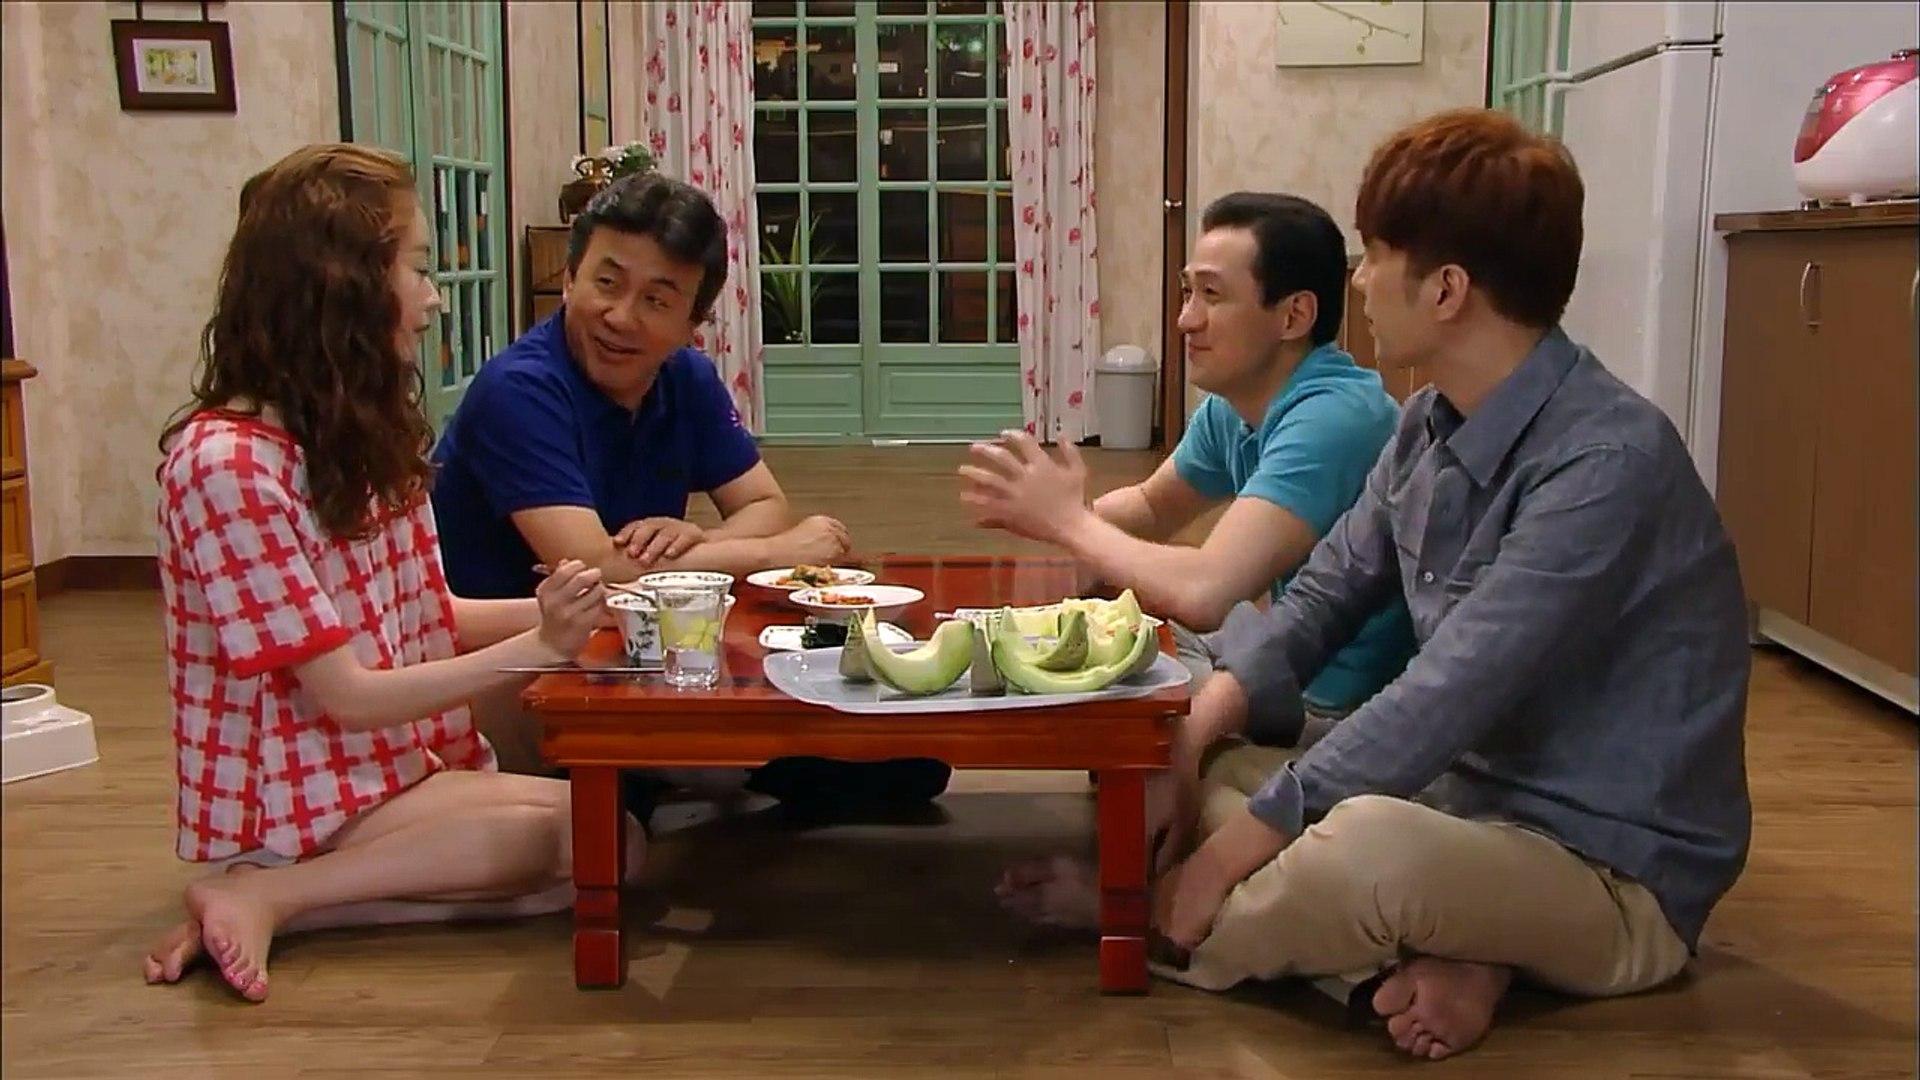 Phim Hàn Quốc Hay Nhất 2017 - Oh Ro Ra Tiểu Thư Uy Quyền - Phim Bộ Thuyết Minh Hay Nhất 2017 -Tập 20